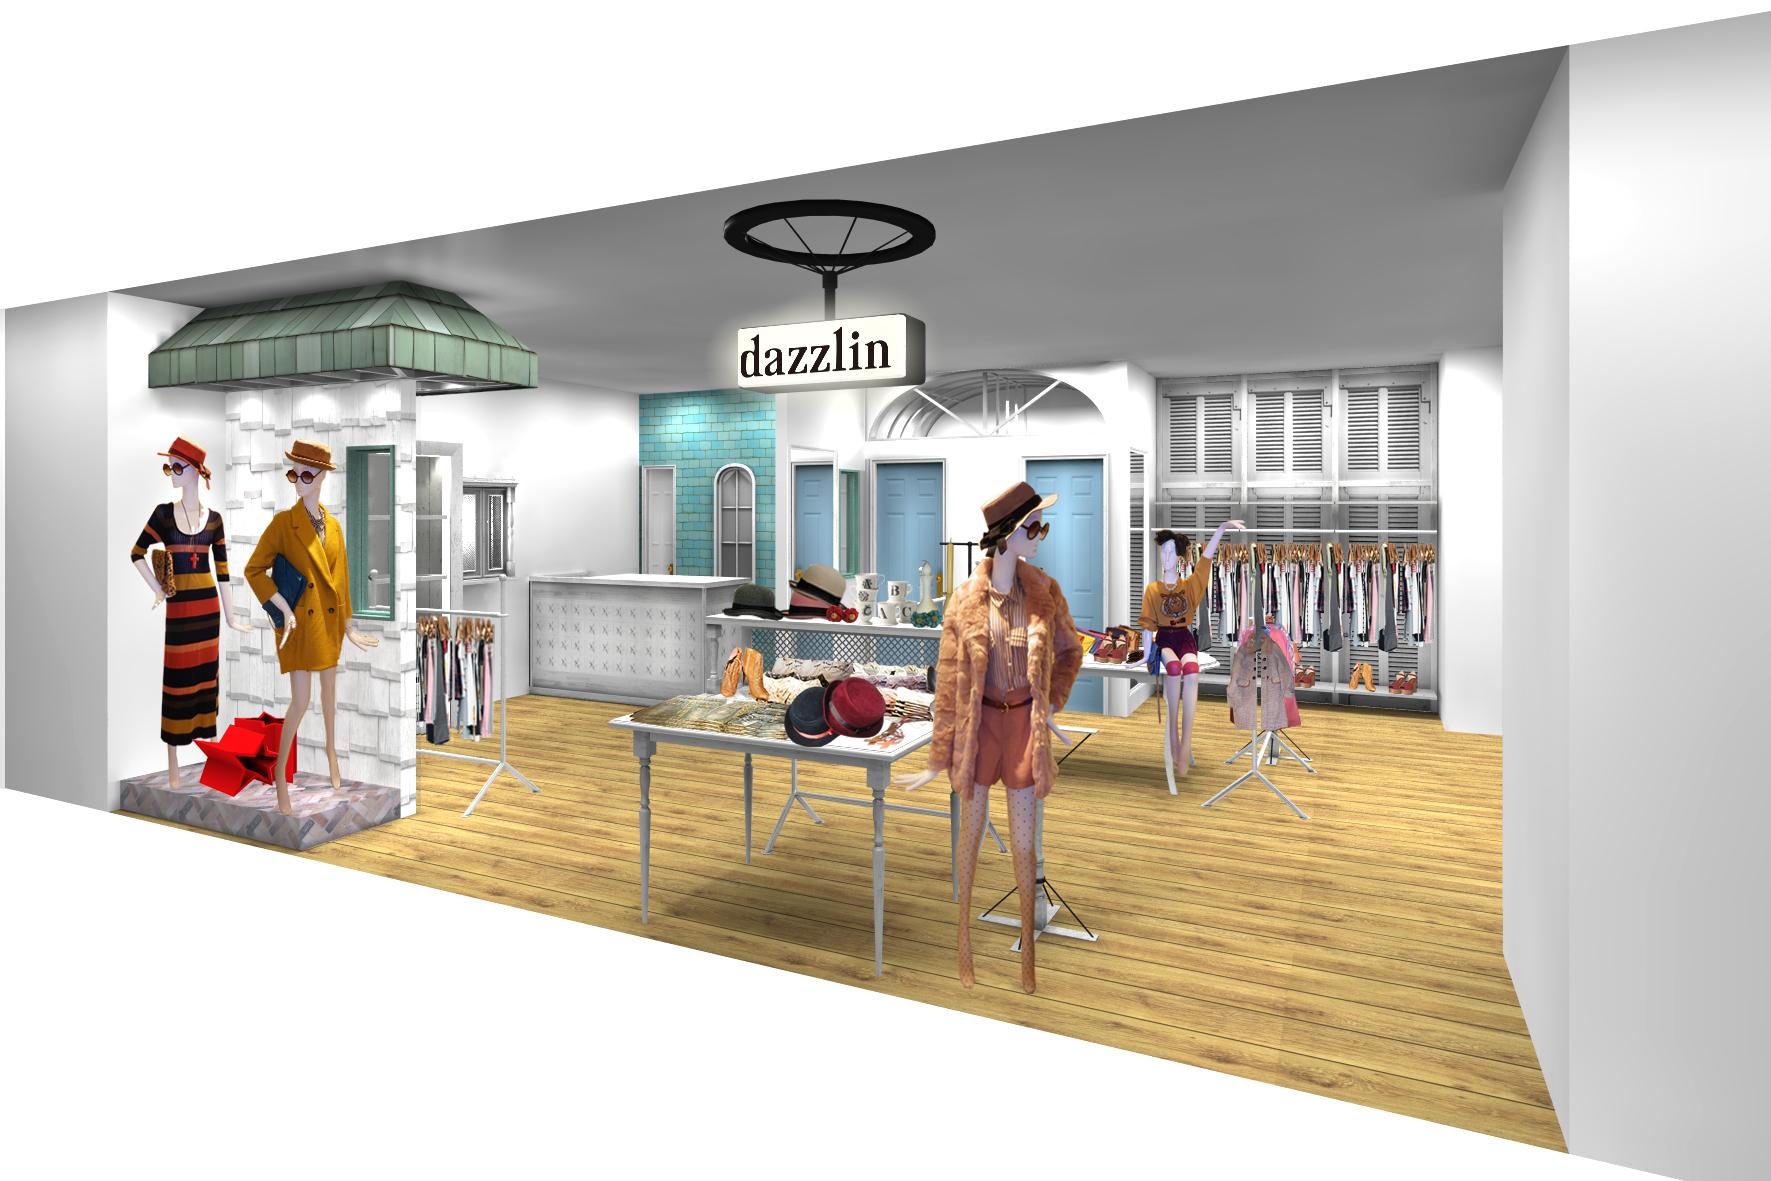 43b6d26bd5e721 マークスタイラー、アメリカンスウィートカジュアルブランド「dazzlin」「dazzlin moi」全5店舗を新規出店